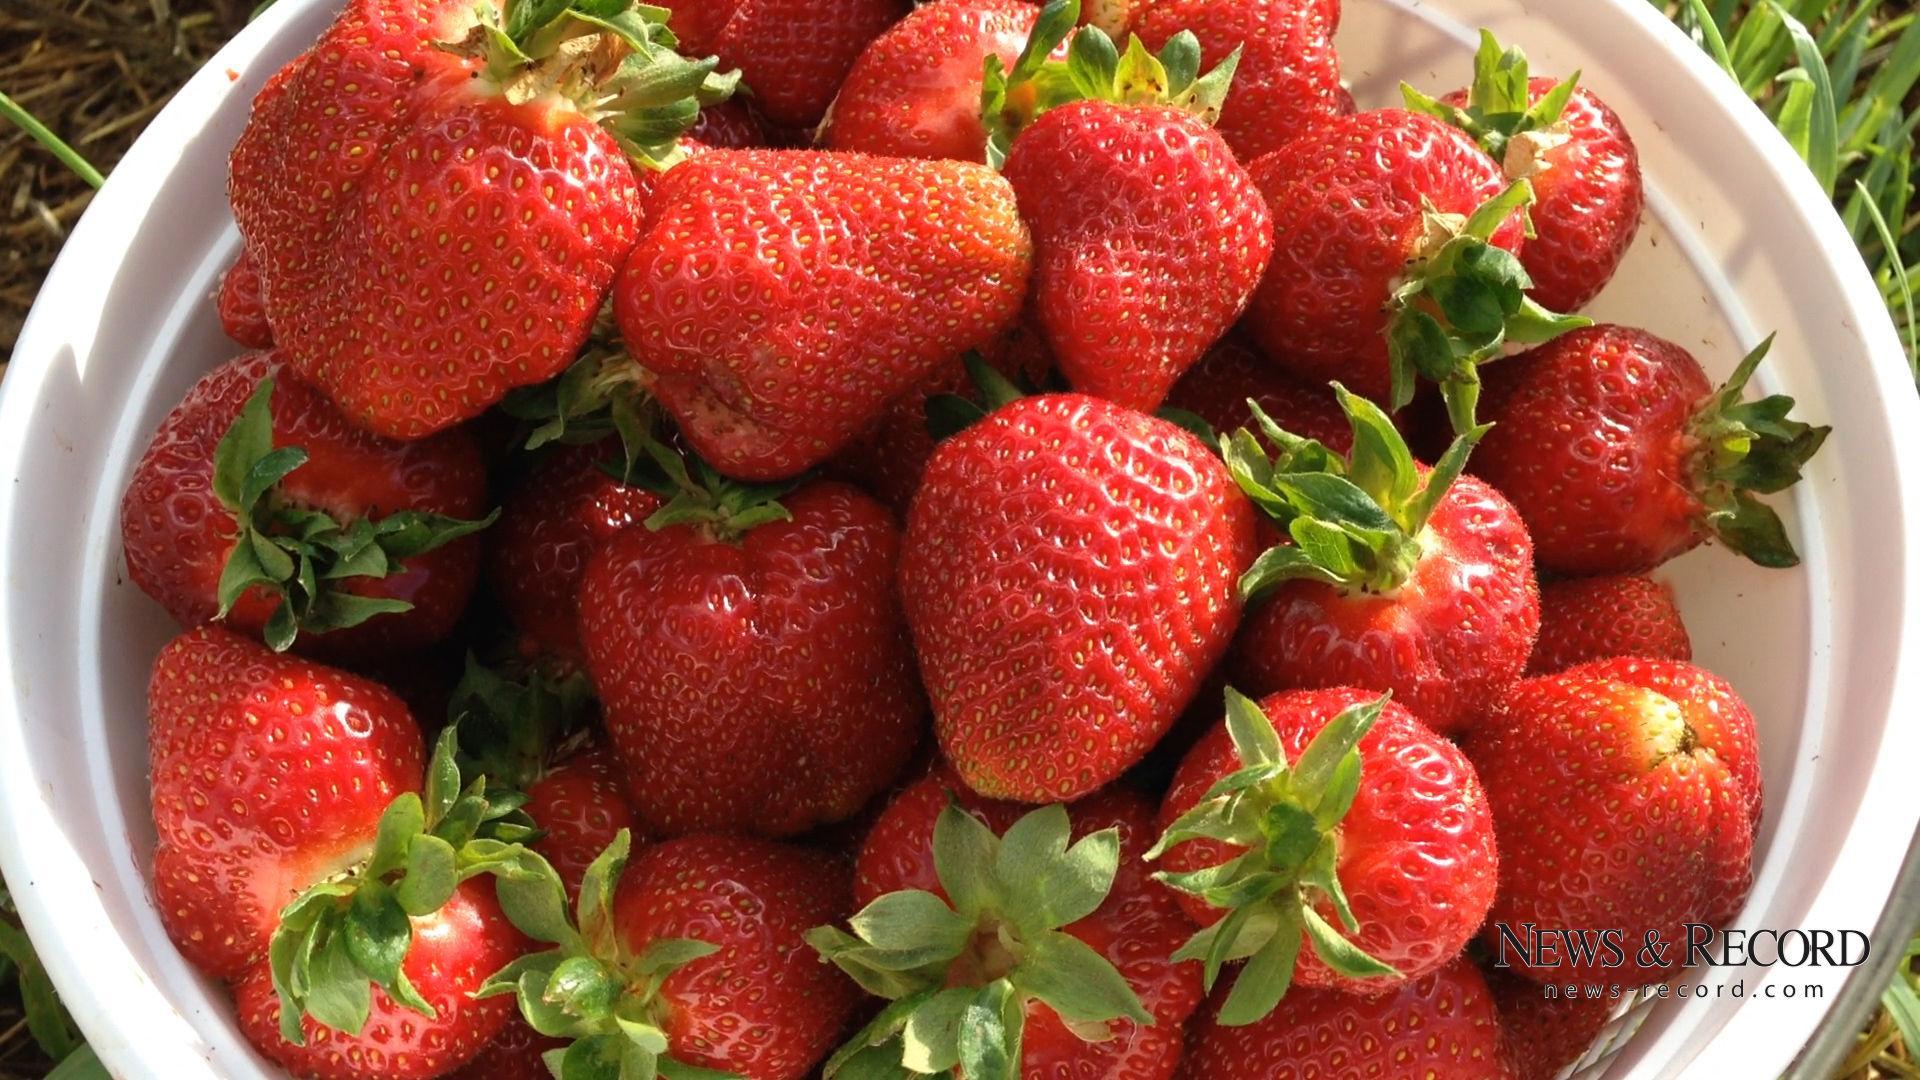 Video Strawberry Picking At Rudd Farm In Greensboro Latest News Greensboro Com